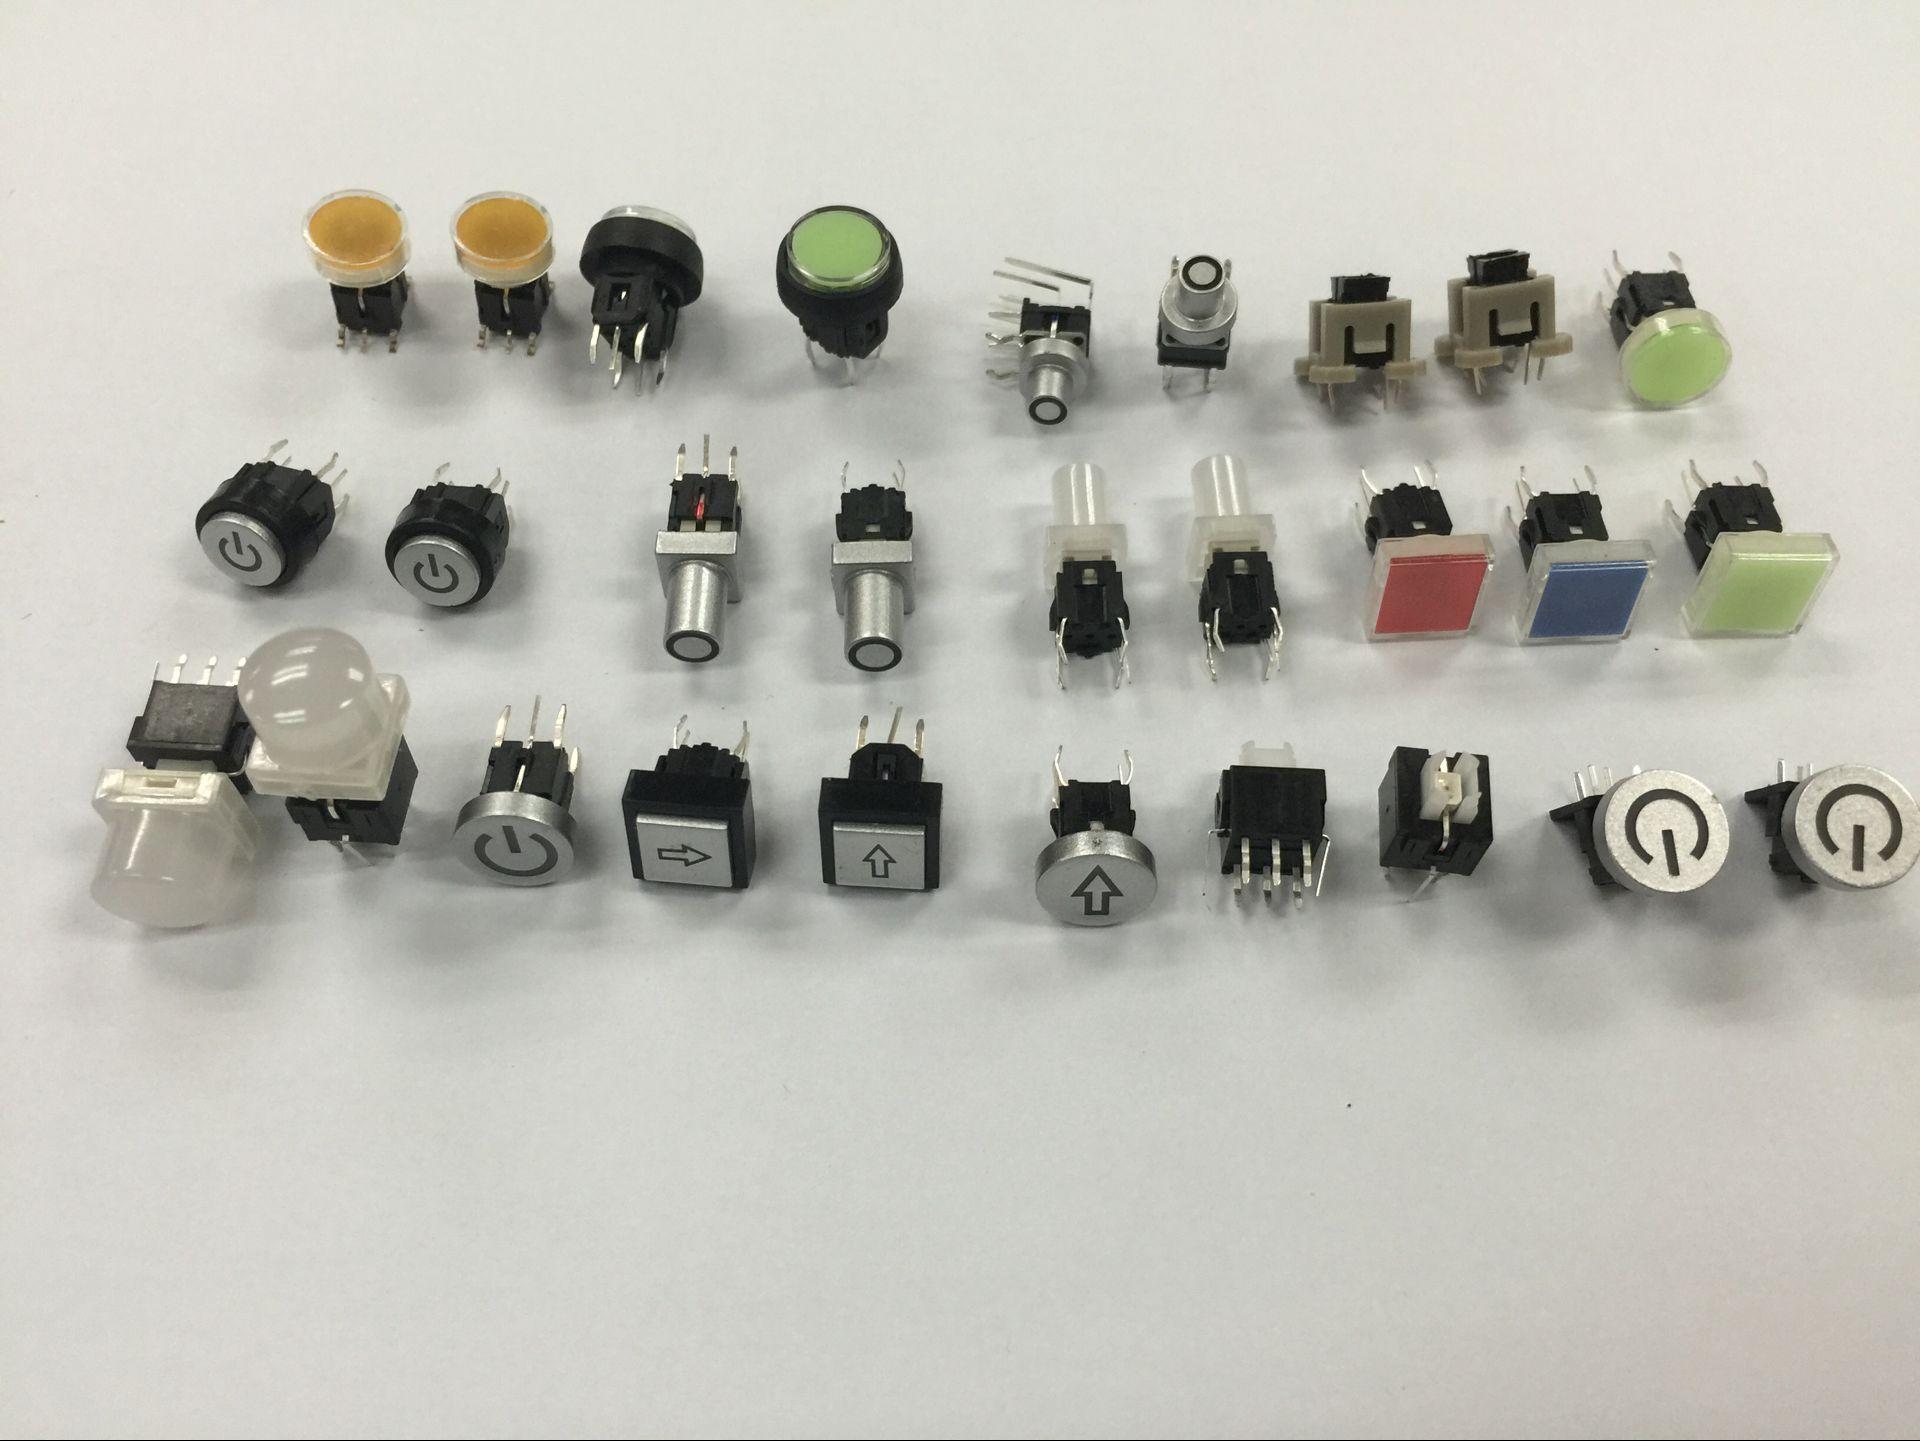 PB6142FL kvalitet nøglekontakt, nøglekontakt med lygte